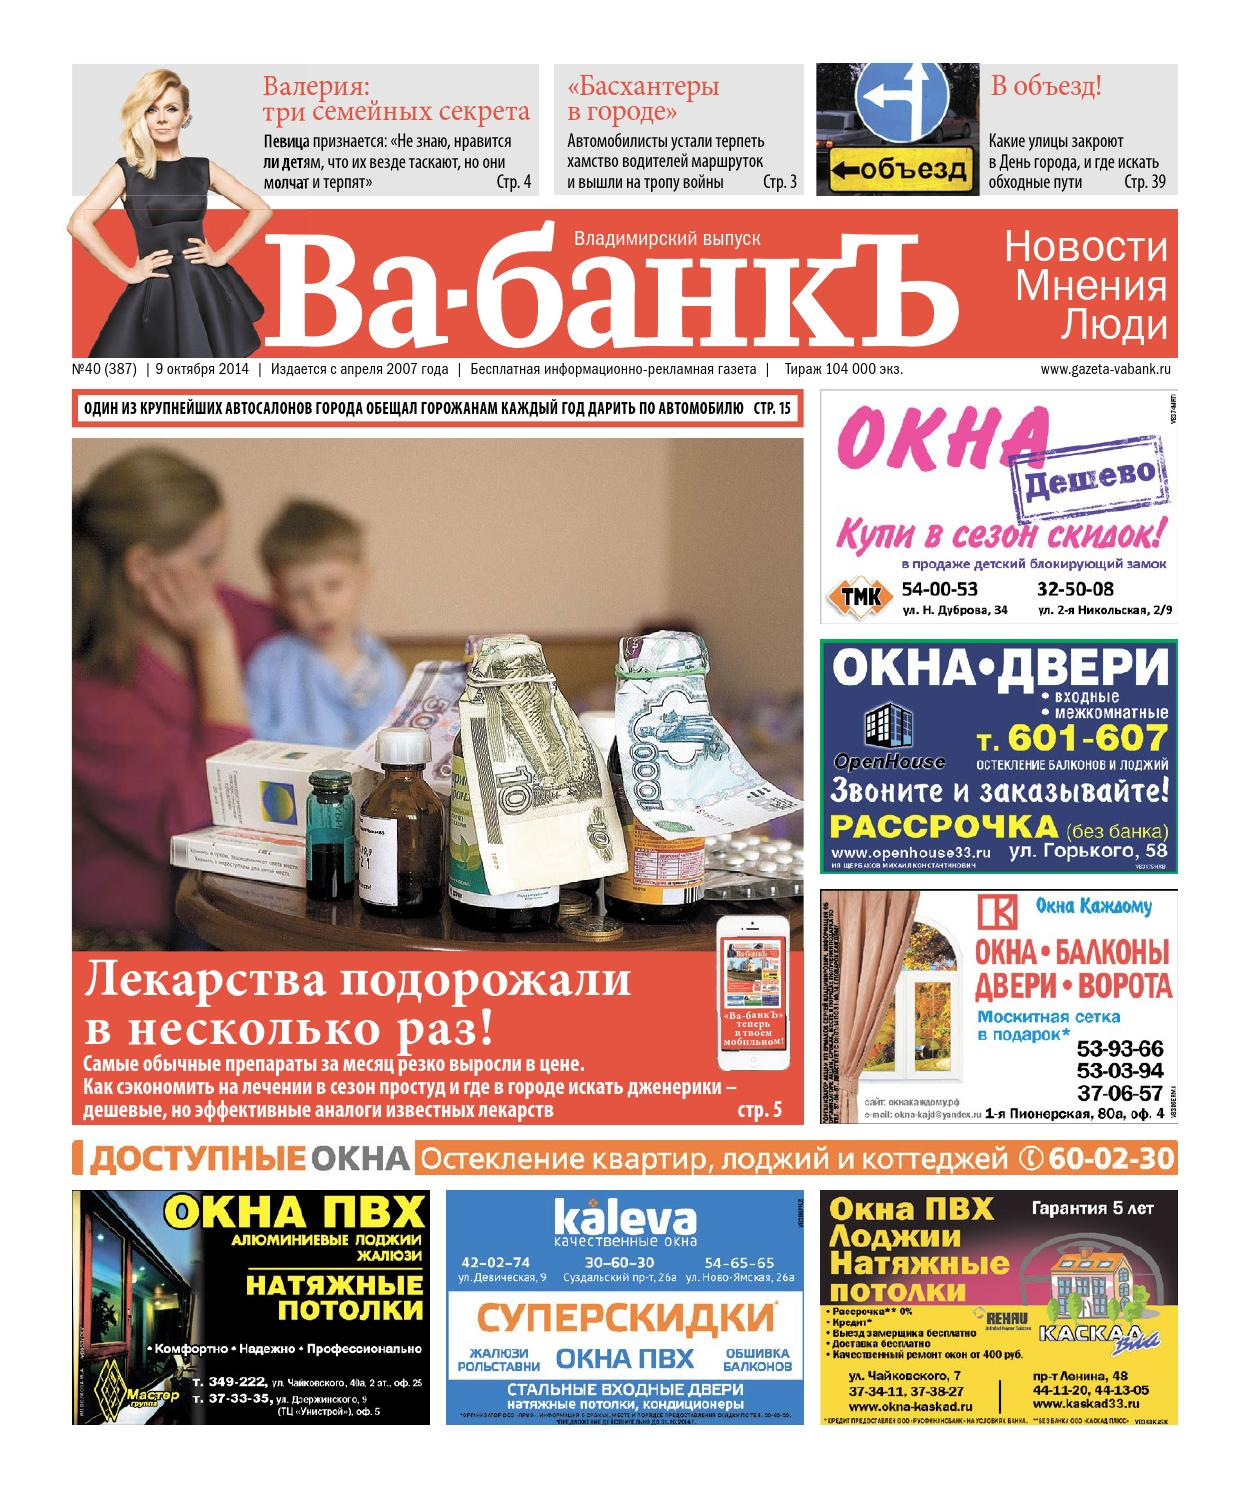 Vb40 by Наталья Акимова - issuu 5a1c4844b7957